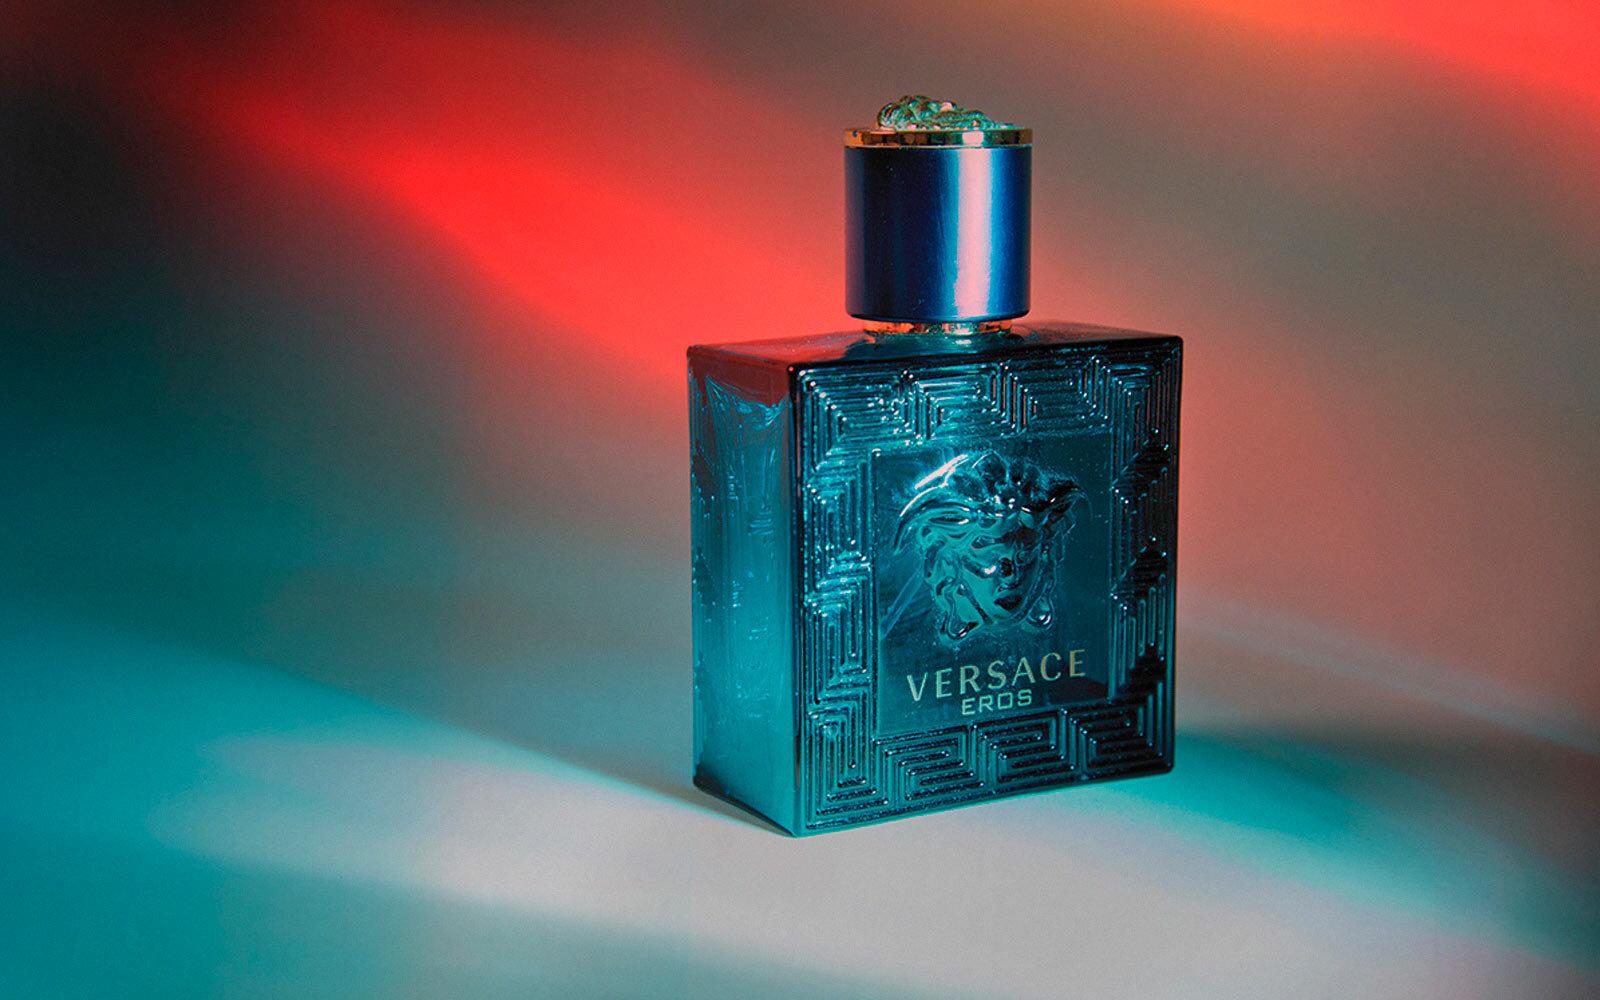 Mùi thơm từ Versace Eros sẽ khiến quý ông thêm nam tính, lịch lãm